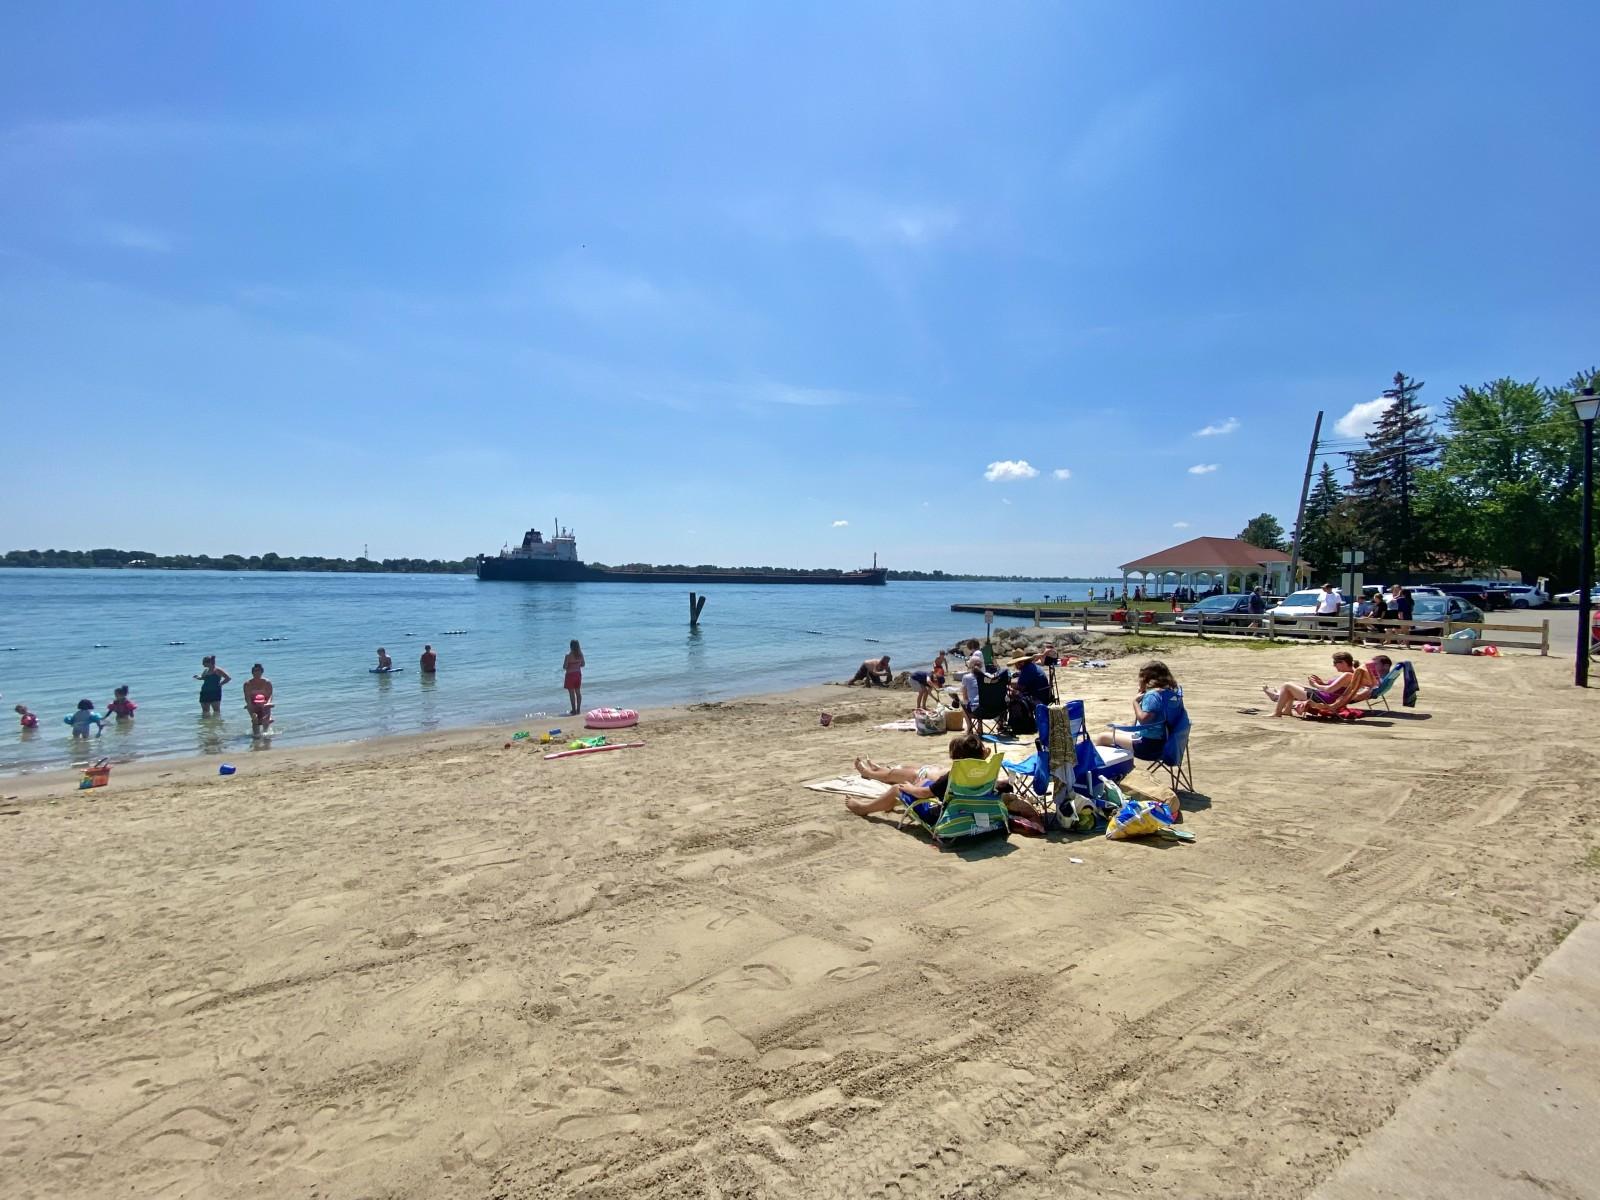 Marine-City-Beach-Spring-2021-pic-4-ks